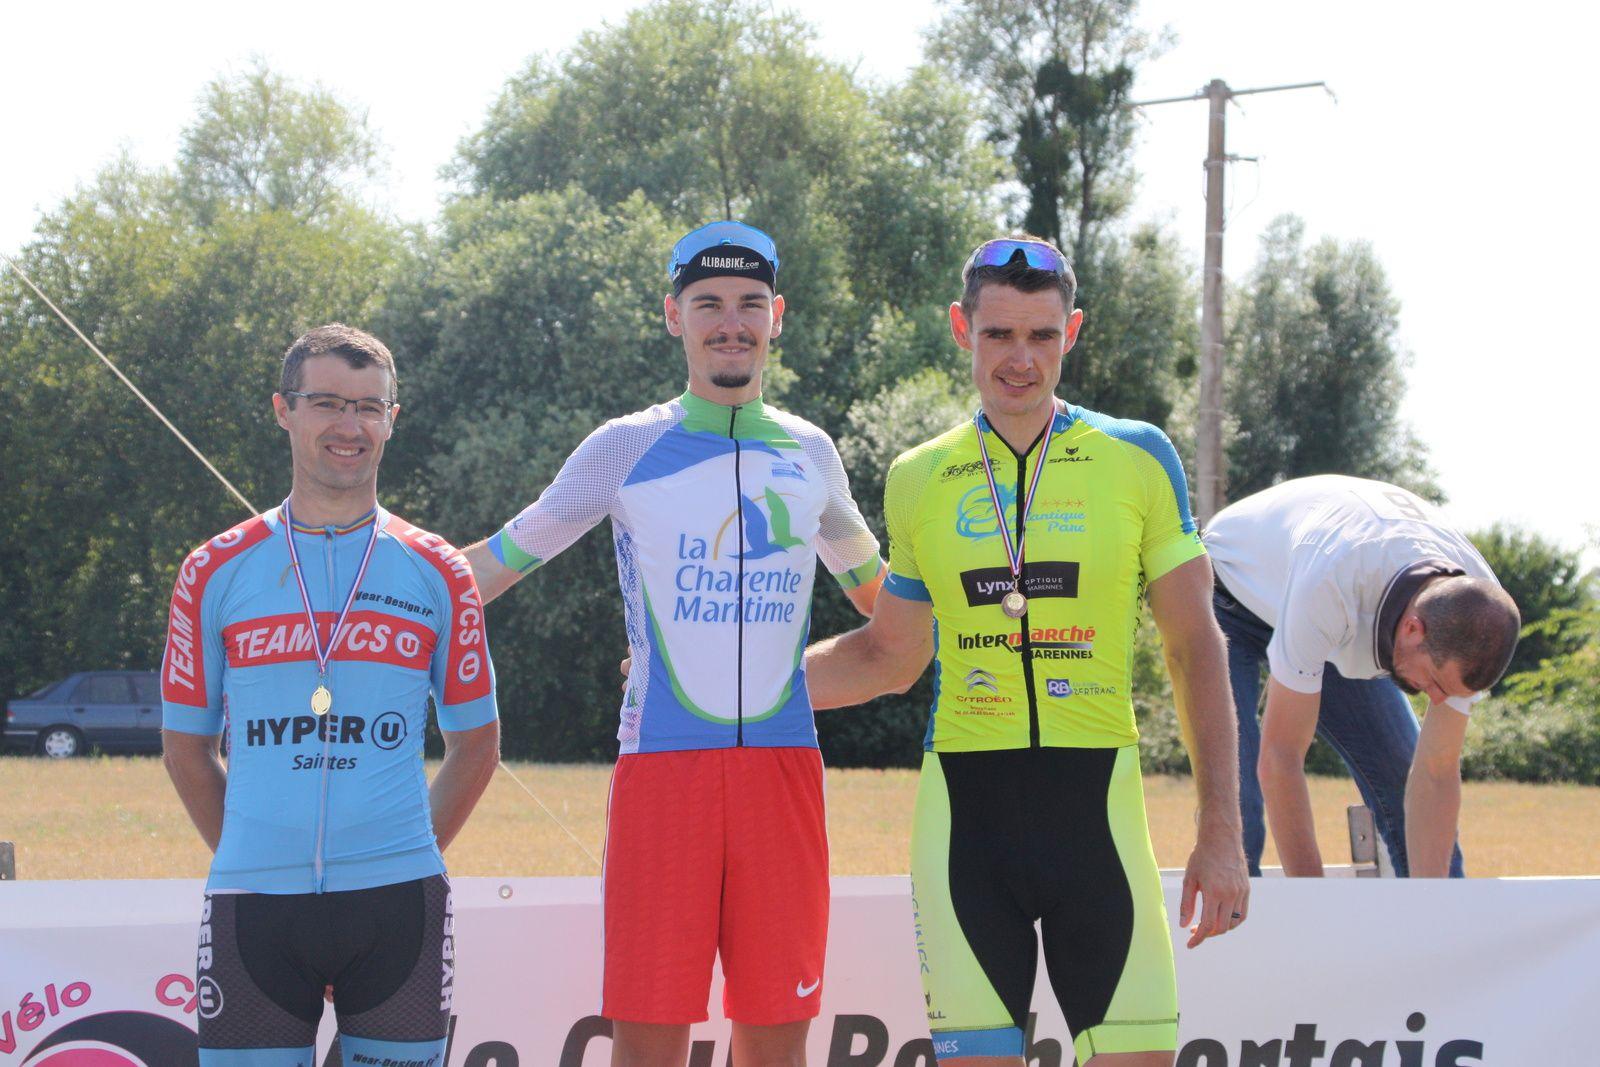 Le  podium  du  championnat  départemental